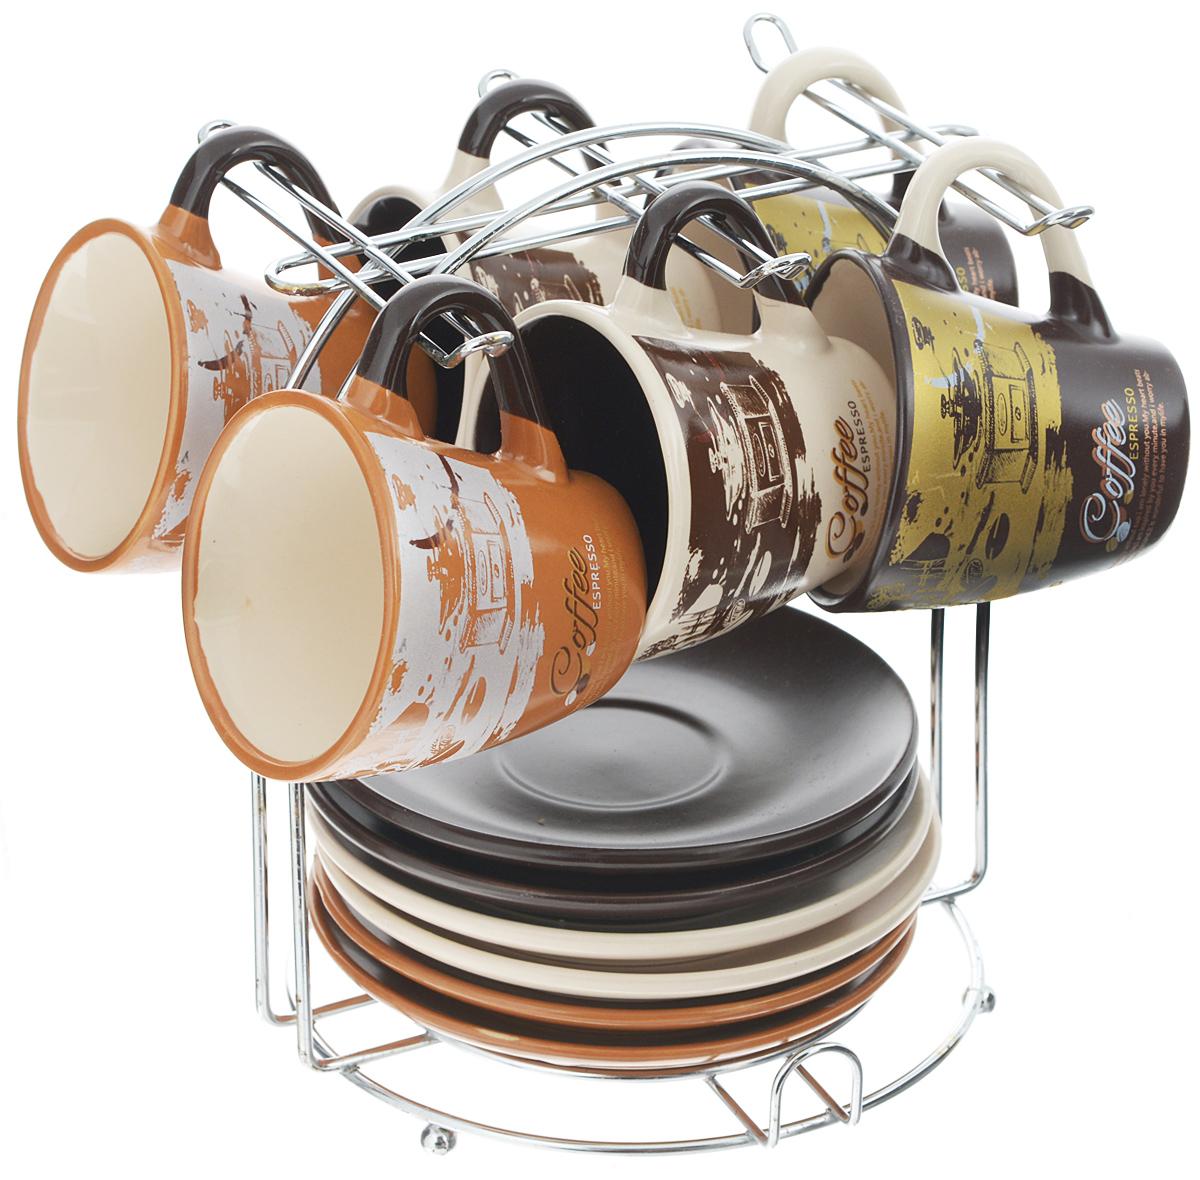 """Кофейный набор """"Loraine"""" состоит из 6 чашек, 6 блюдец и  подставки. Изделия выполнены из  высококачественной керамики, имеют яркий  дизайн и размещены на металлической подставке.  Такой набор прекрасно подойдет как для  повседневного использования, так и  для праздников.   Диаметр чашки (по верхнему краю): 6,5 см.  Высота чашки: 6 см.  Диаметр блюдца: 11,5 см.  Высота блюдца: 1,7 см. Объем чашки: 90 мл.  Размер подставки: 15,5 х 15 х 17 см."""